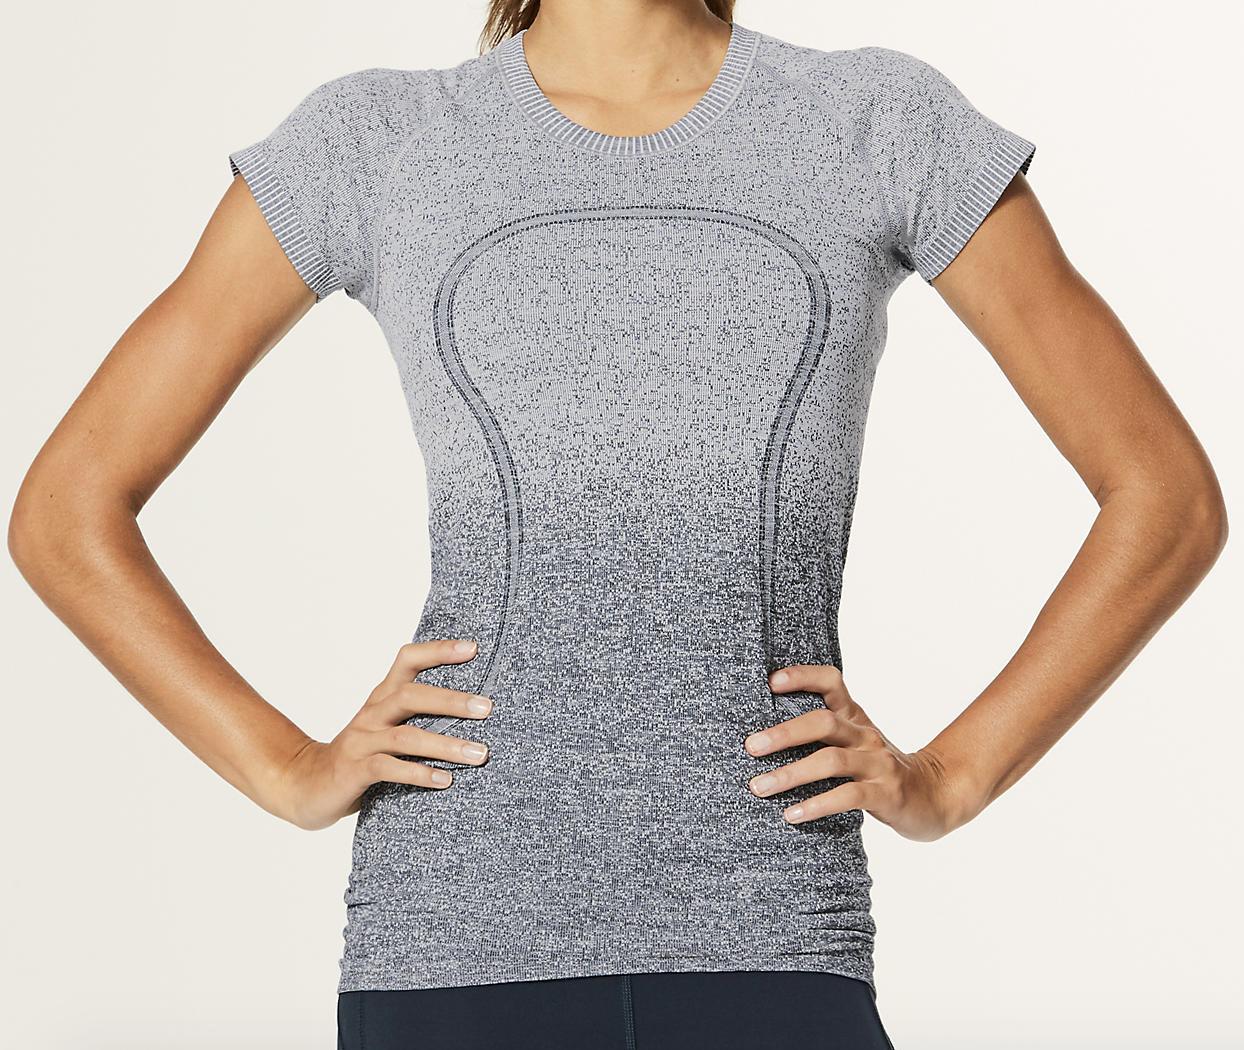 Lululemon 'Swiftly Tech' Shirt